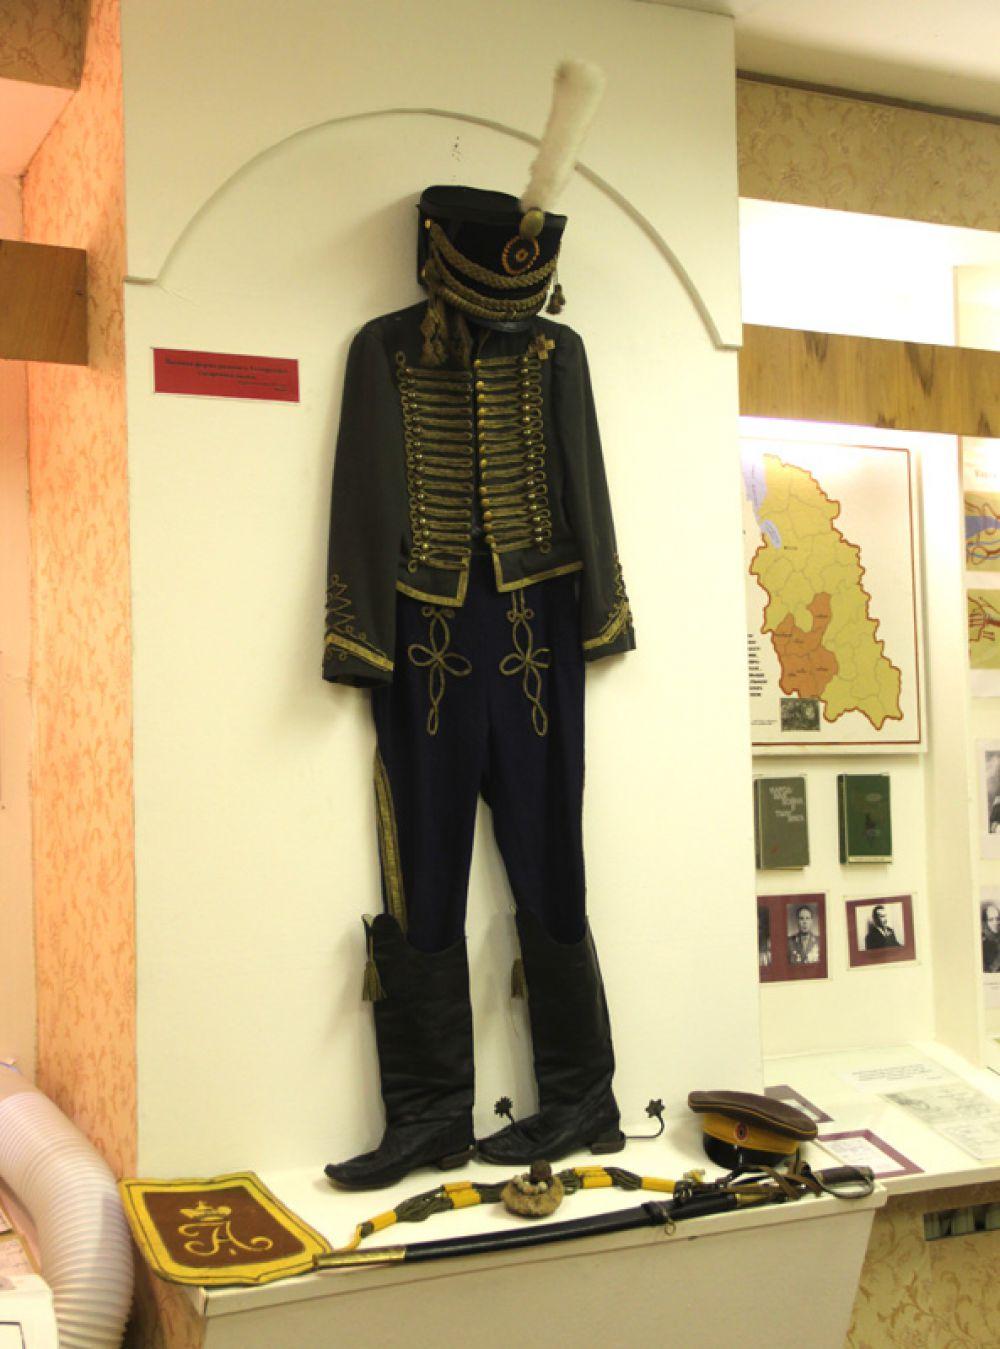 В школьном музее – мундир образца 1812 года, который был пошит на «Мосфильме» для съёмок фильма «Война и мир»